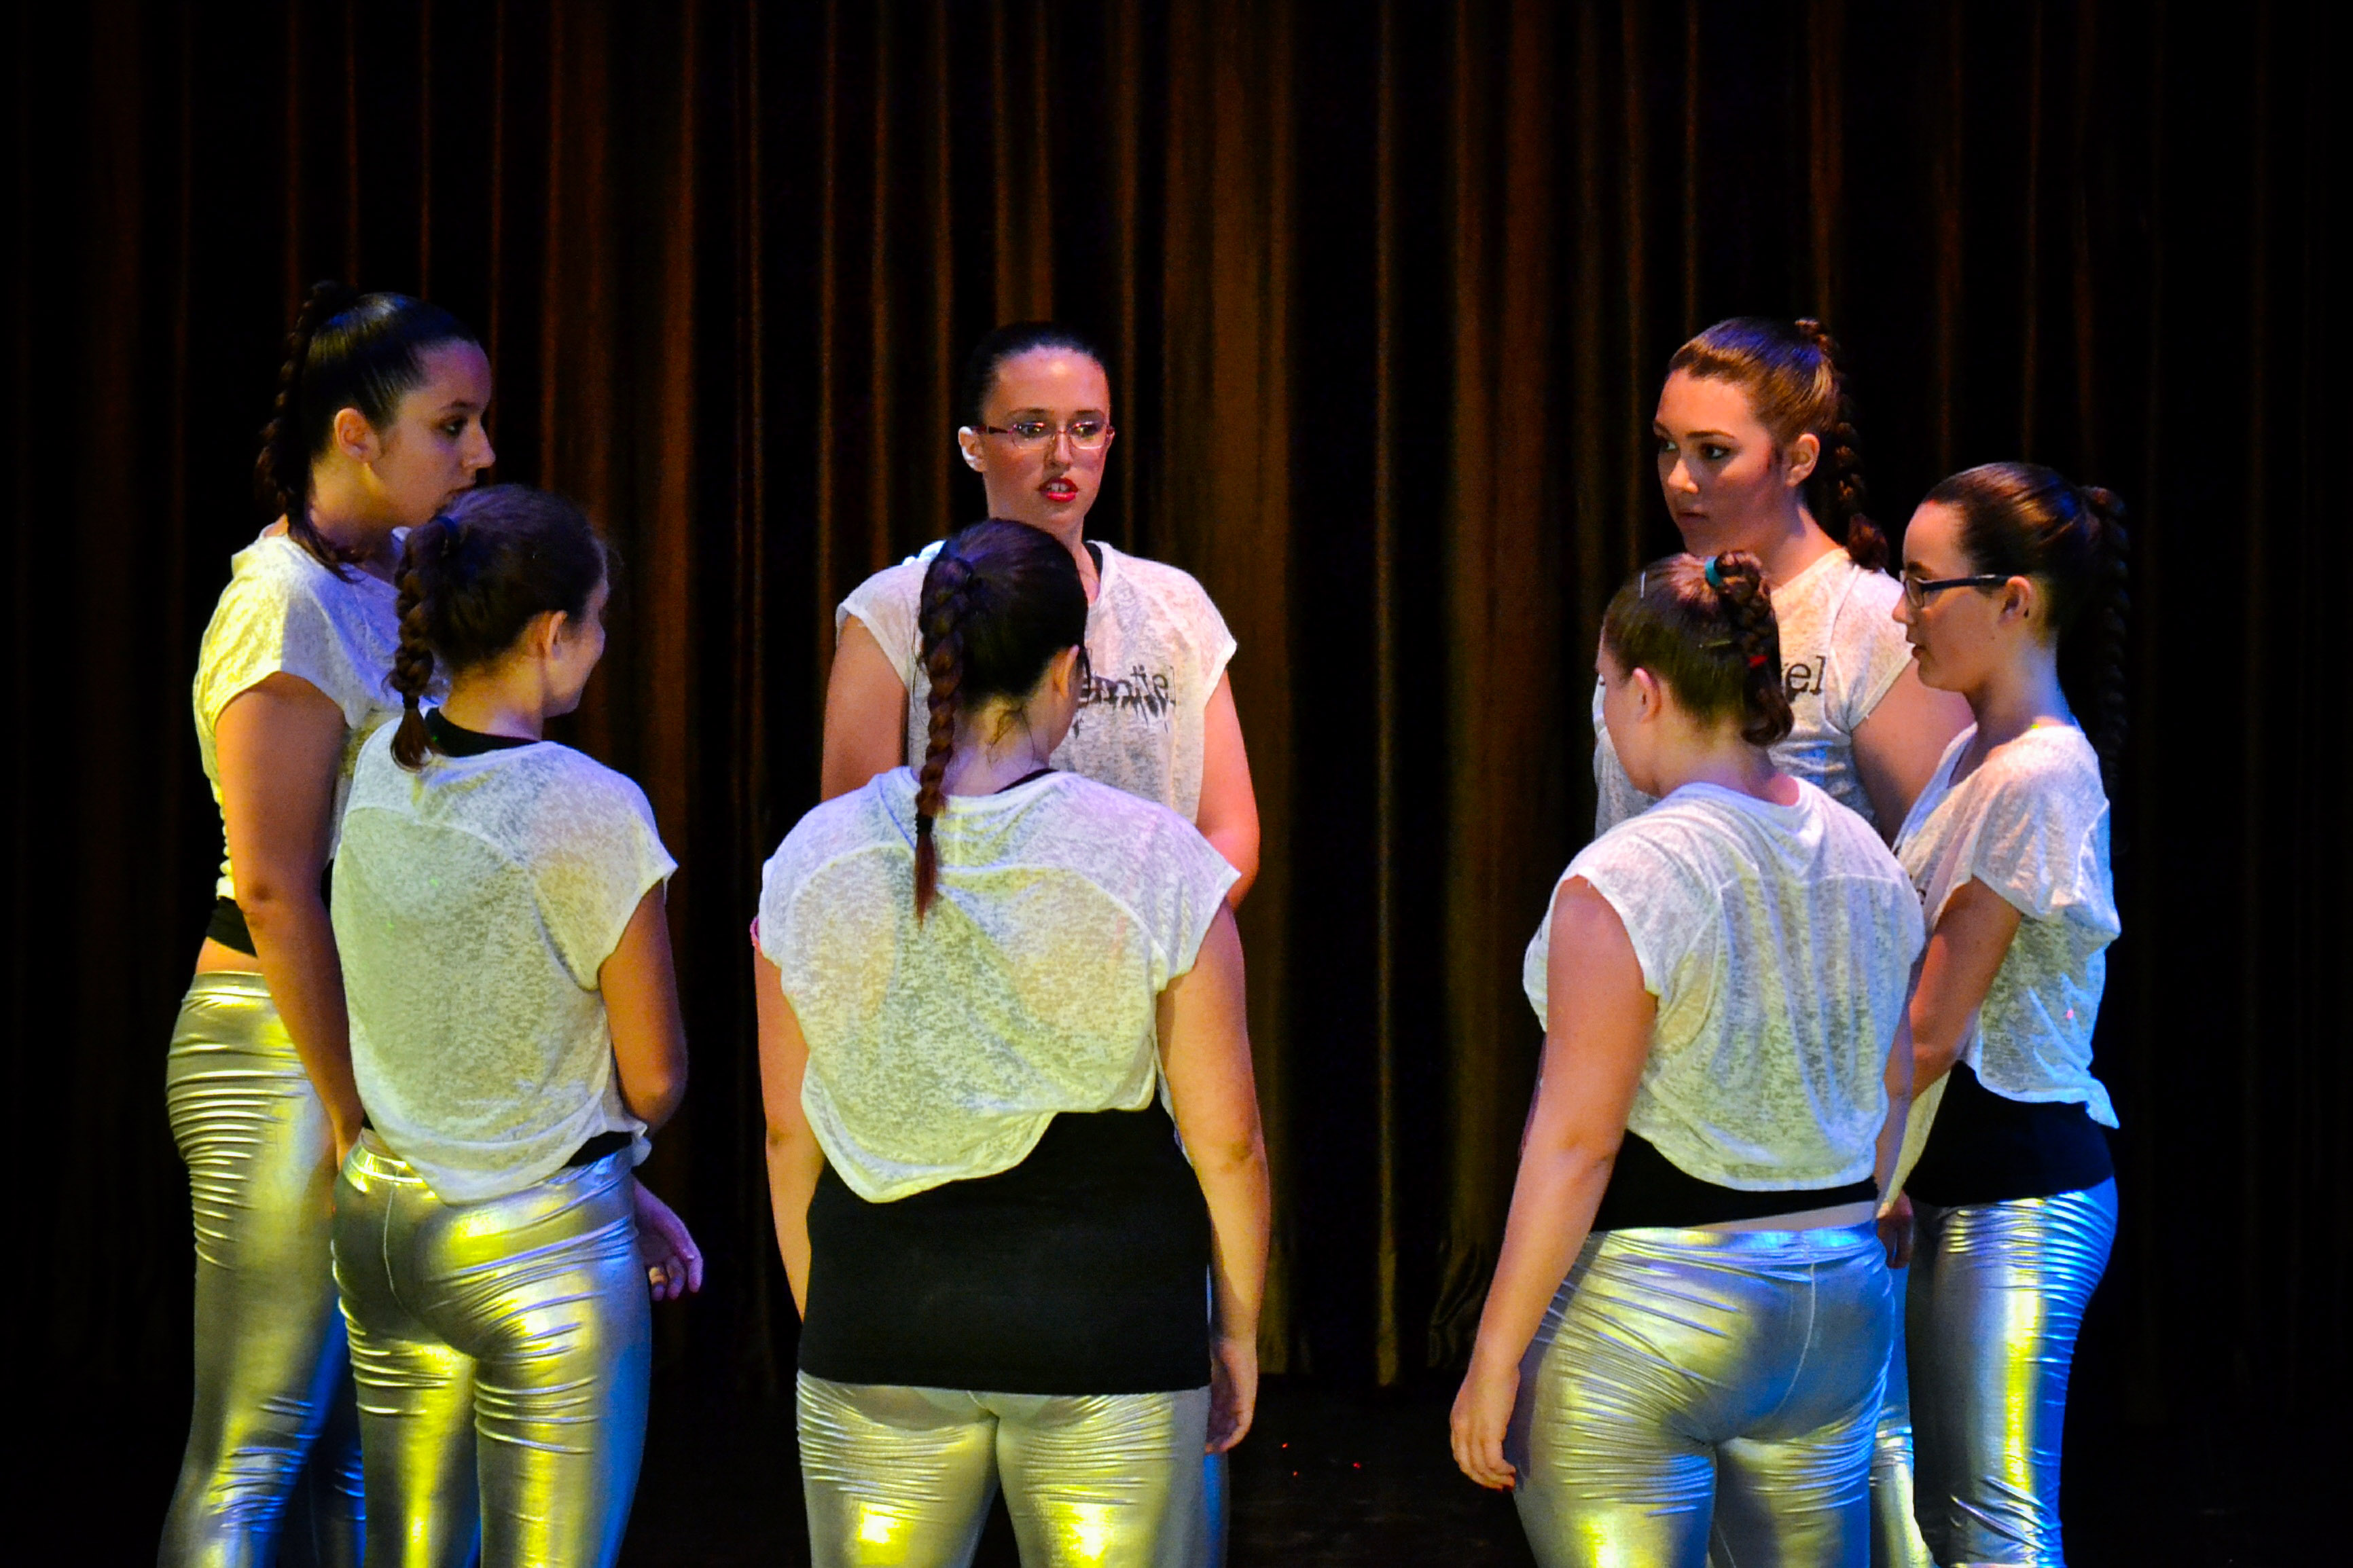 Linea-de-Baile-festival-verano-2015-clases-de-baile-valencia-164